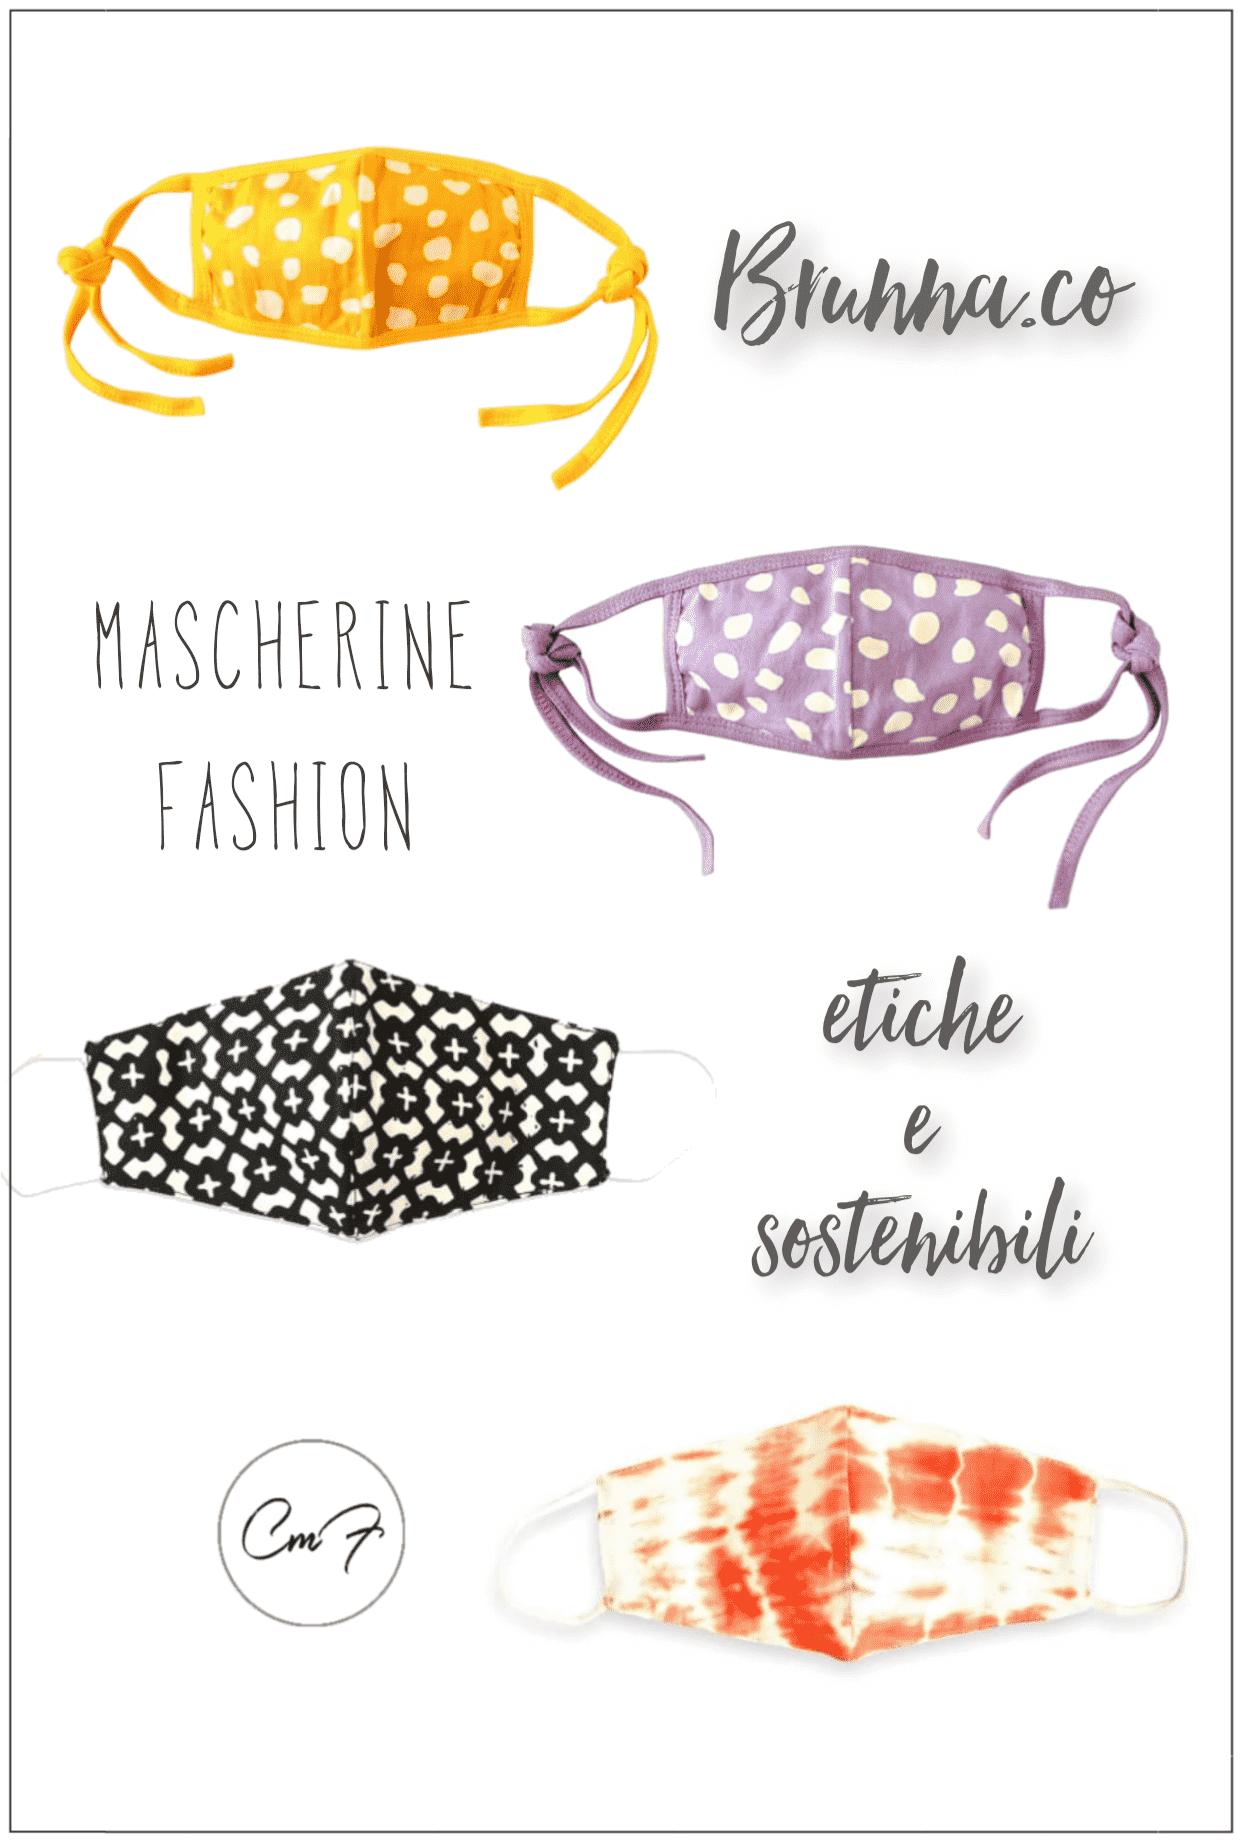 mascherine fashion e sostenibili di brunnaco